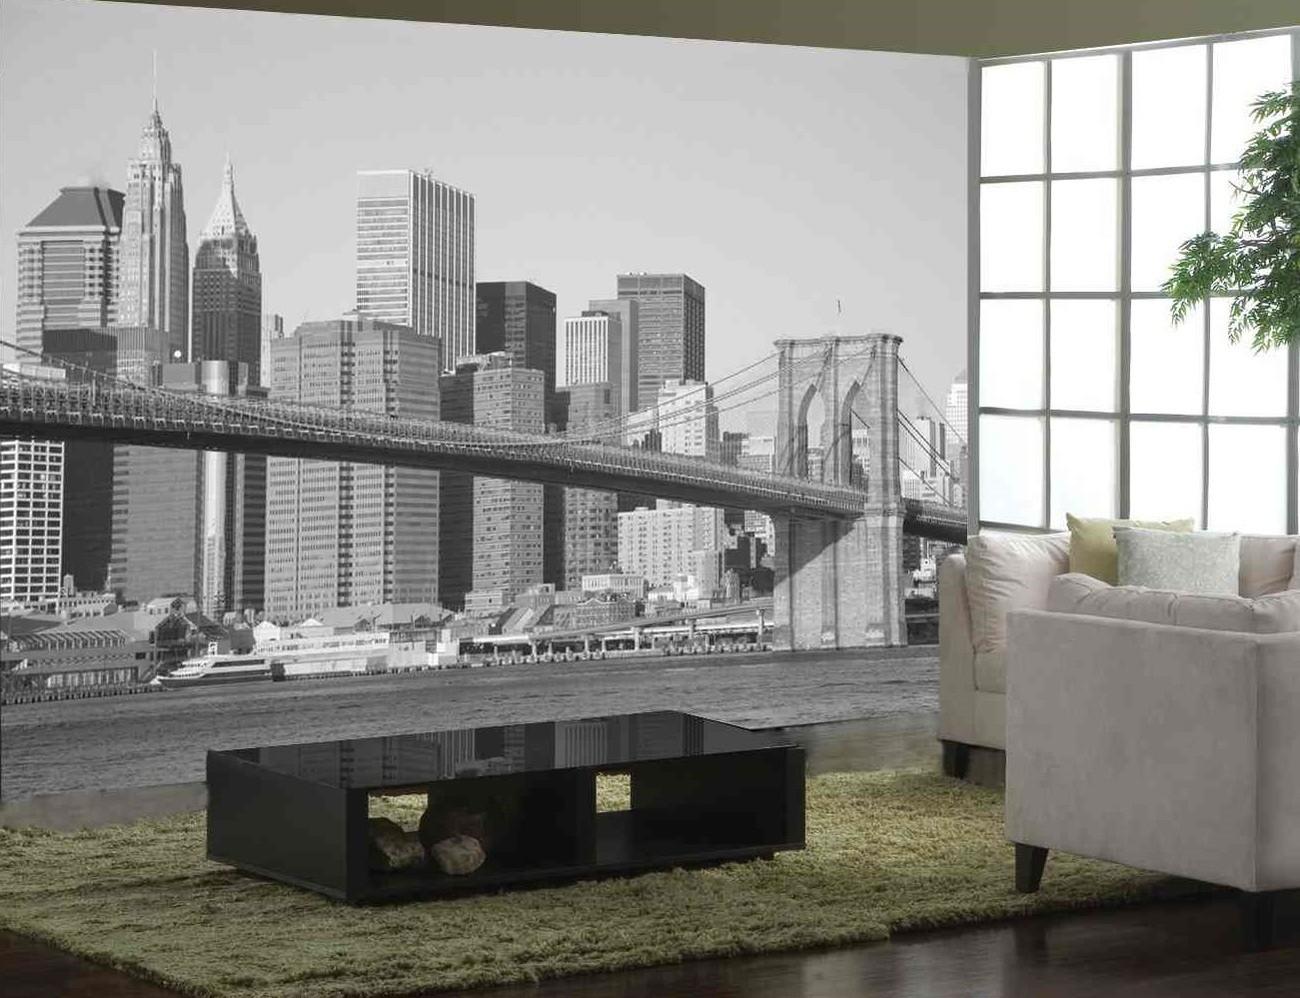 New York Wall Mural » Gadget Flow